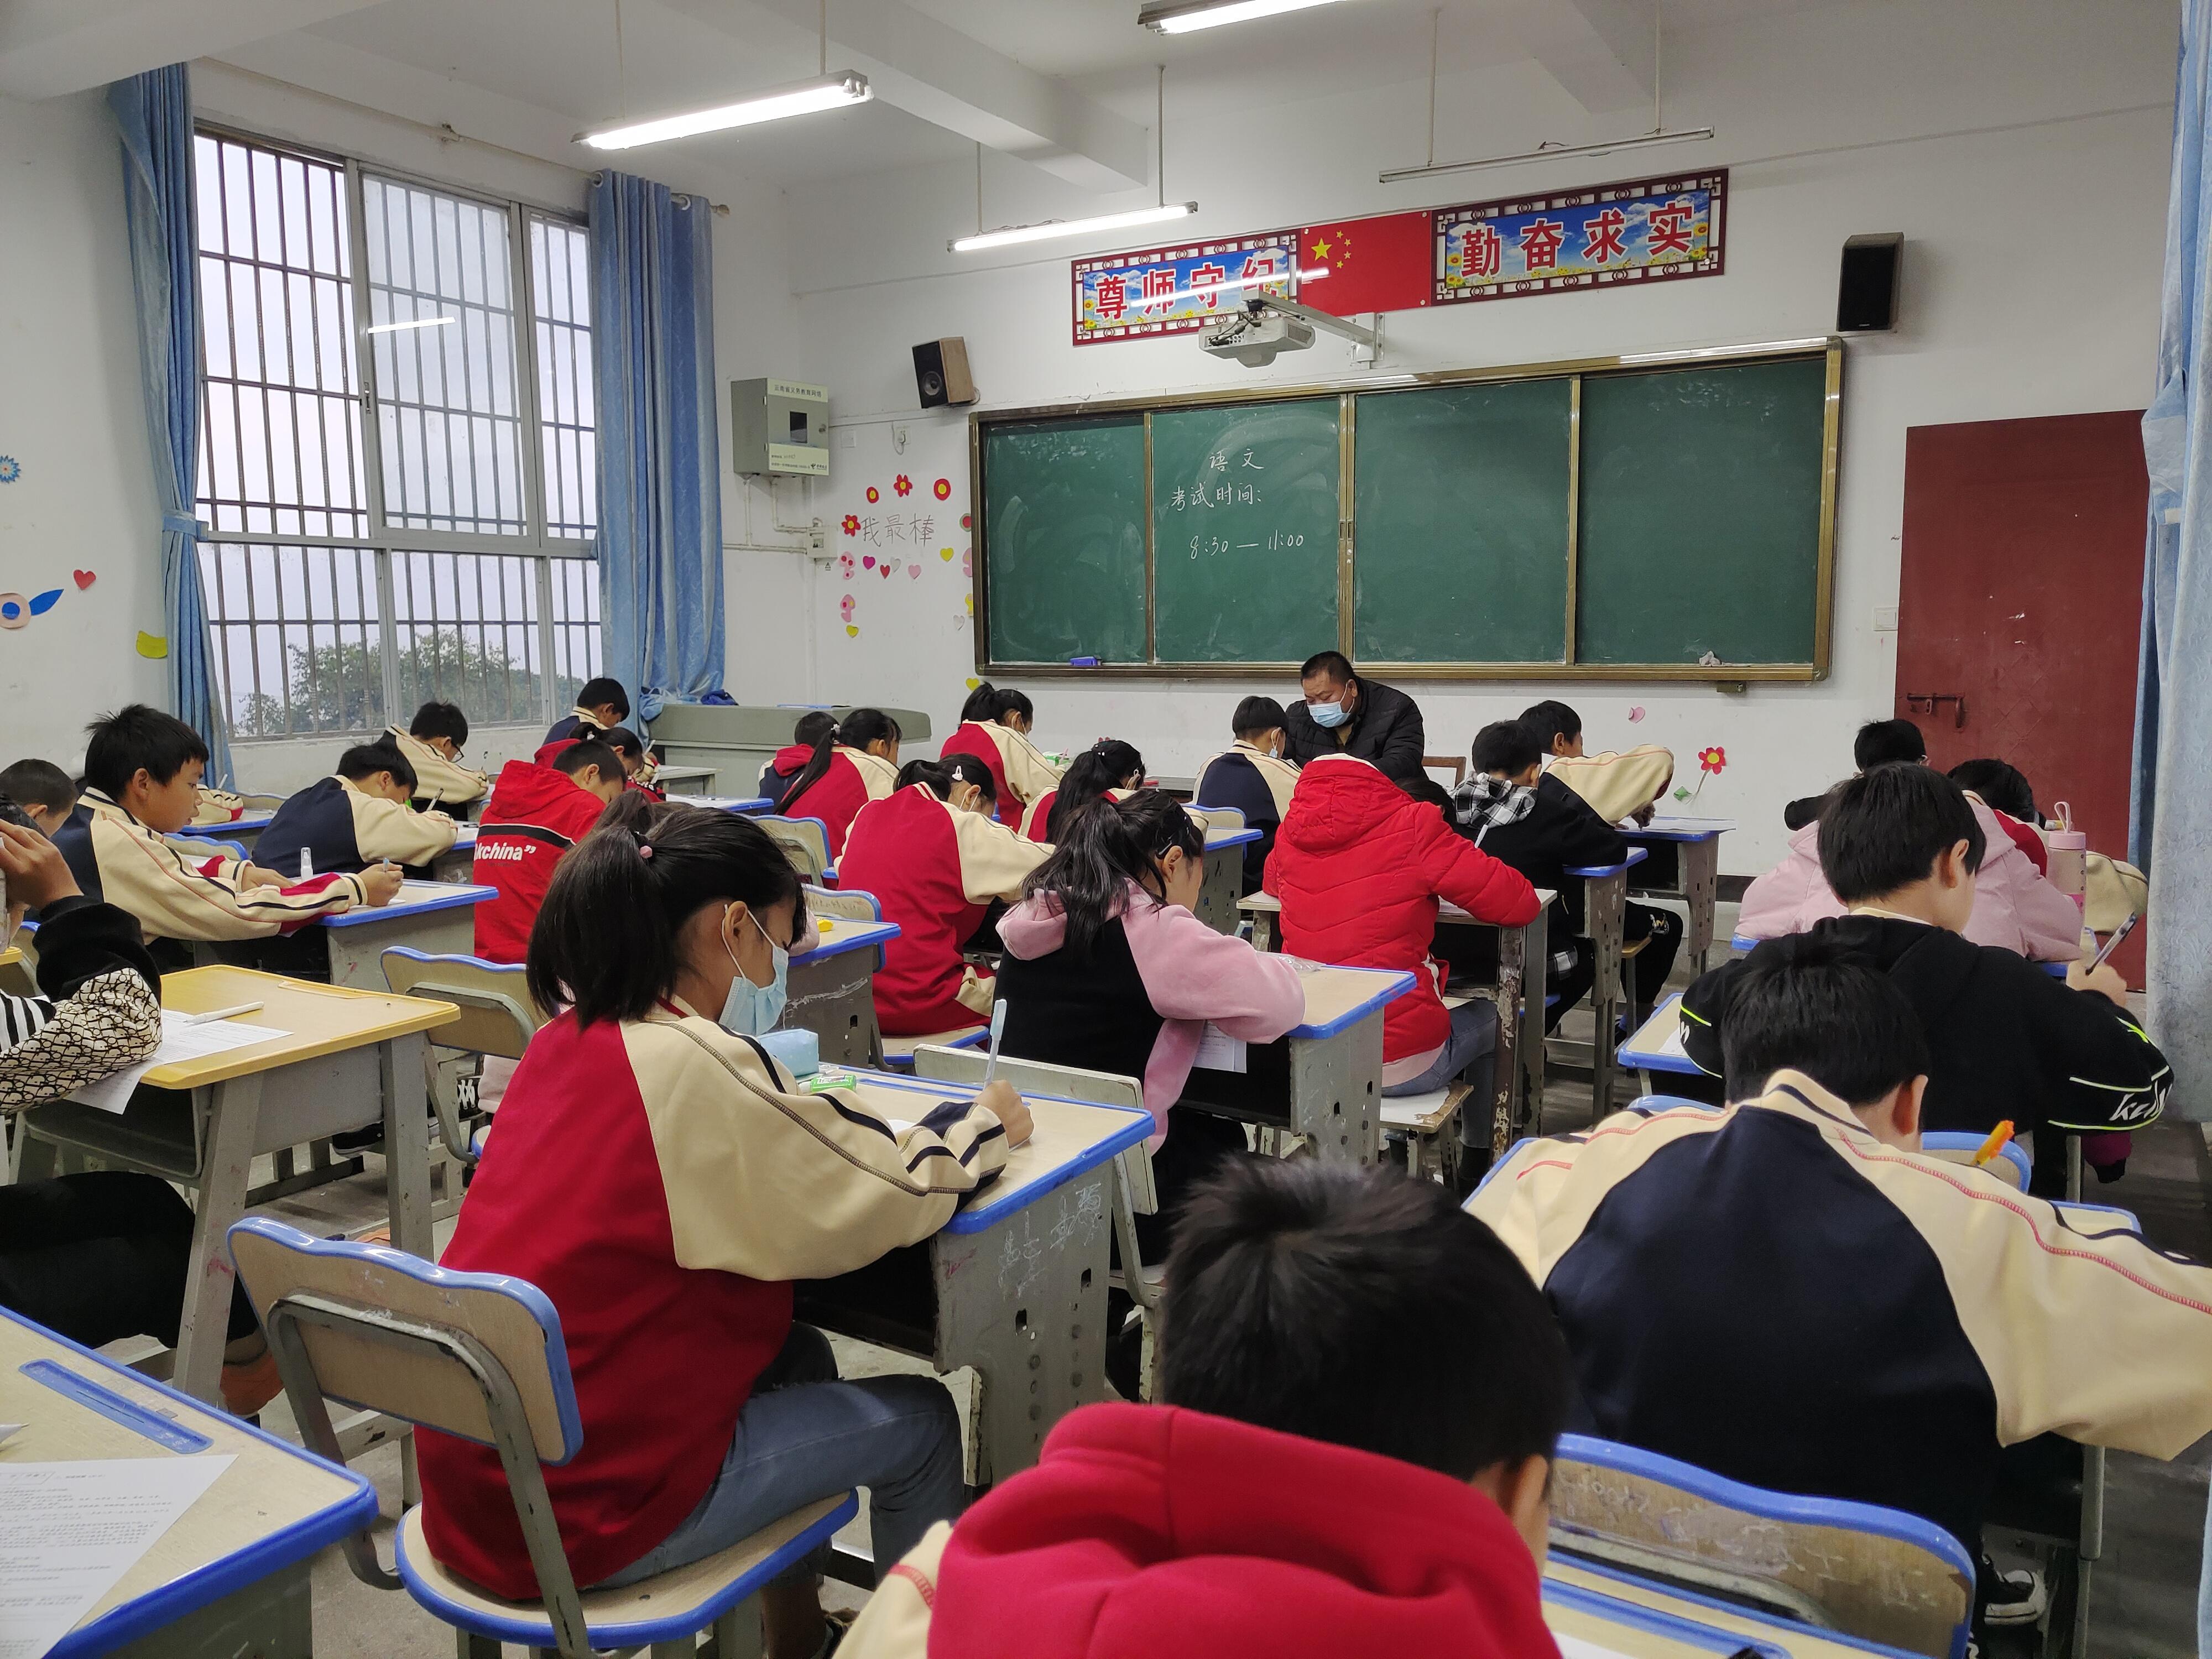 芒东镇罗岗小学组织2020-2021年秋季学期期末考试